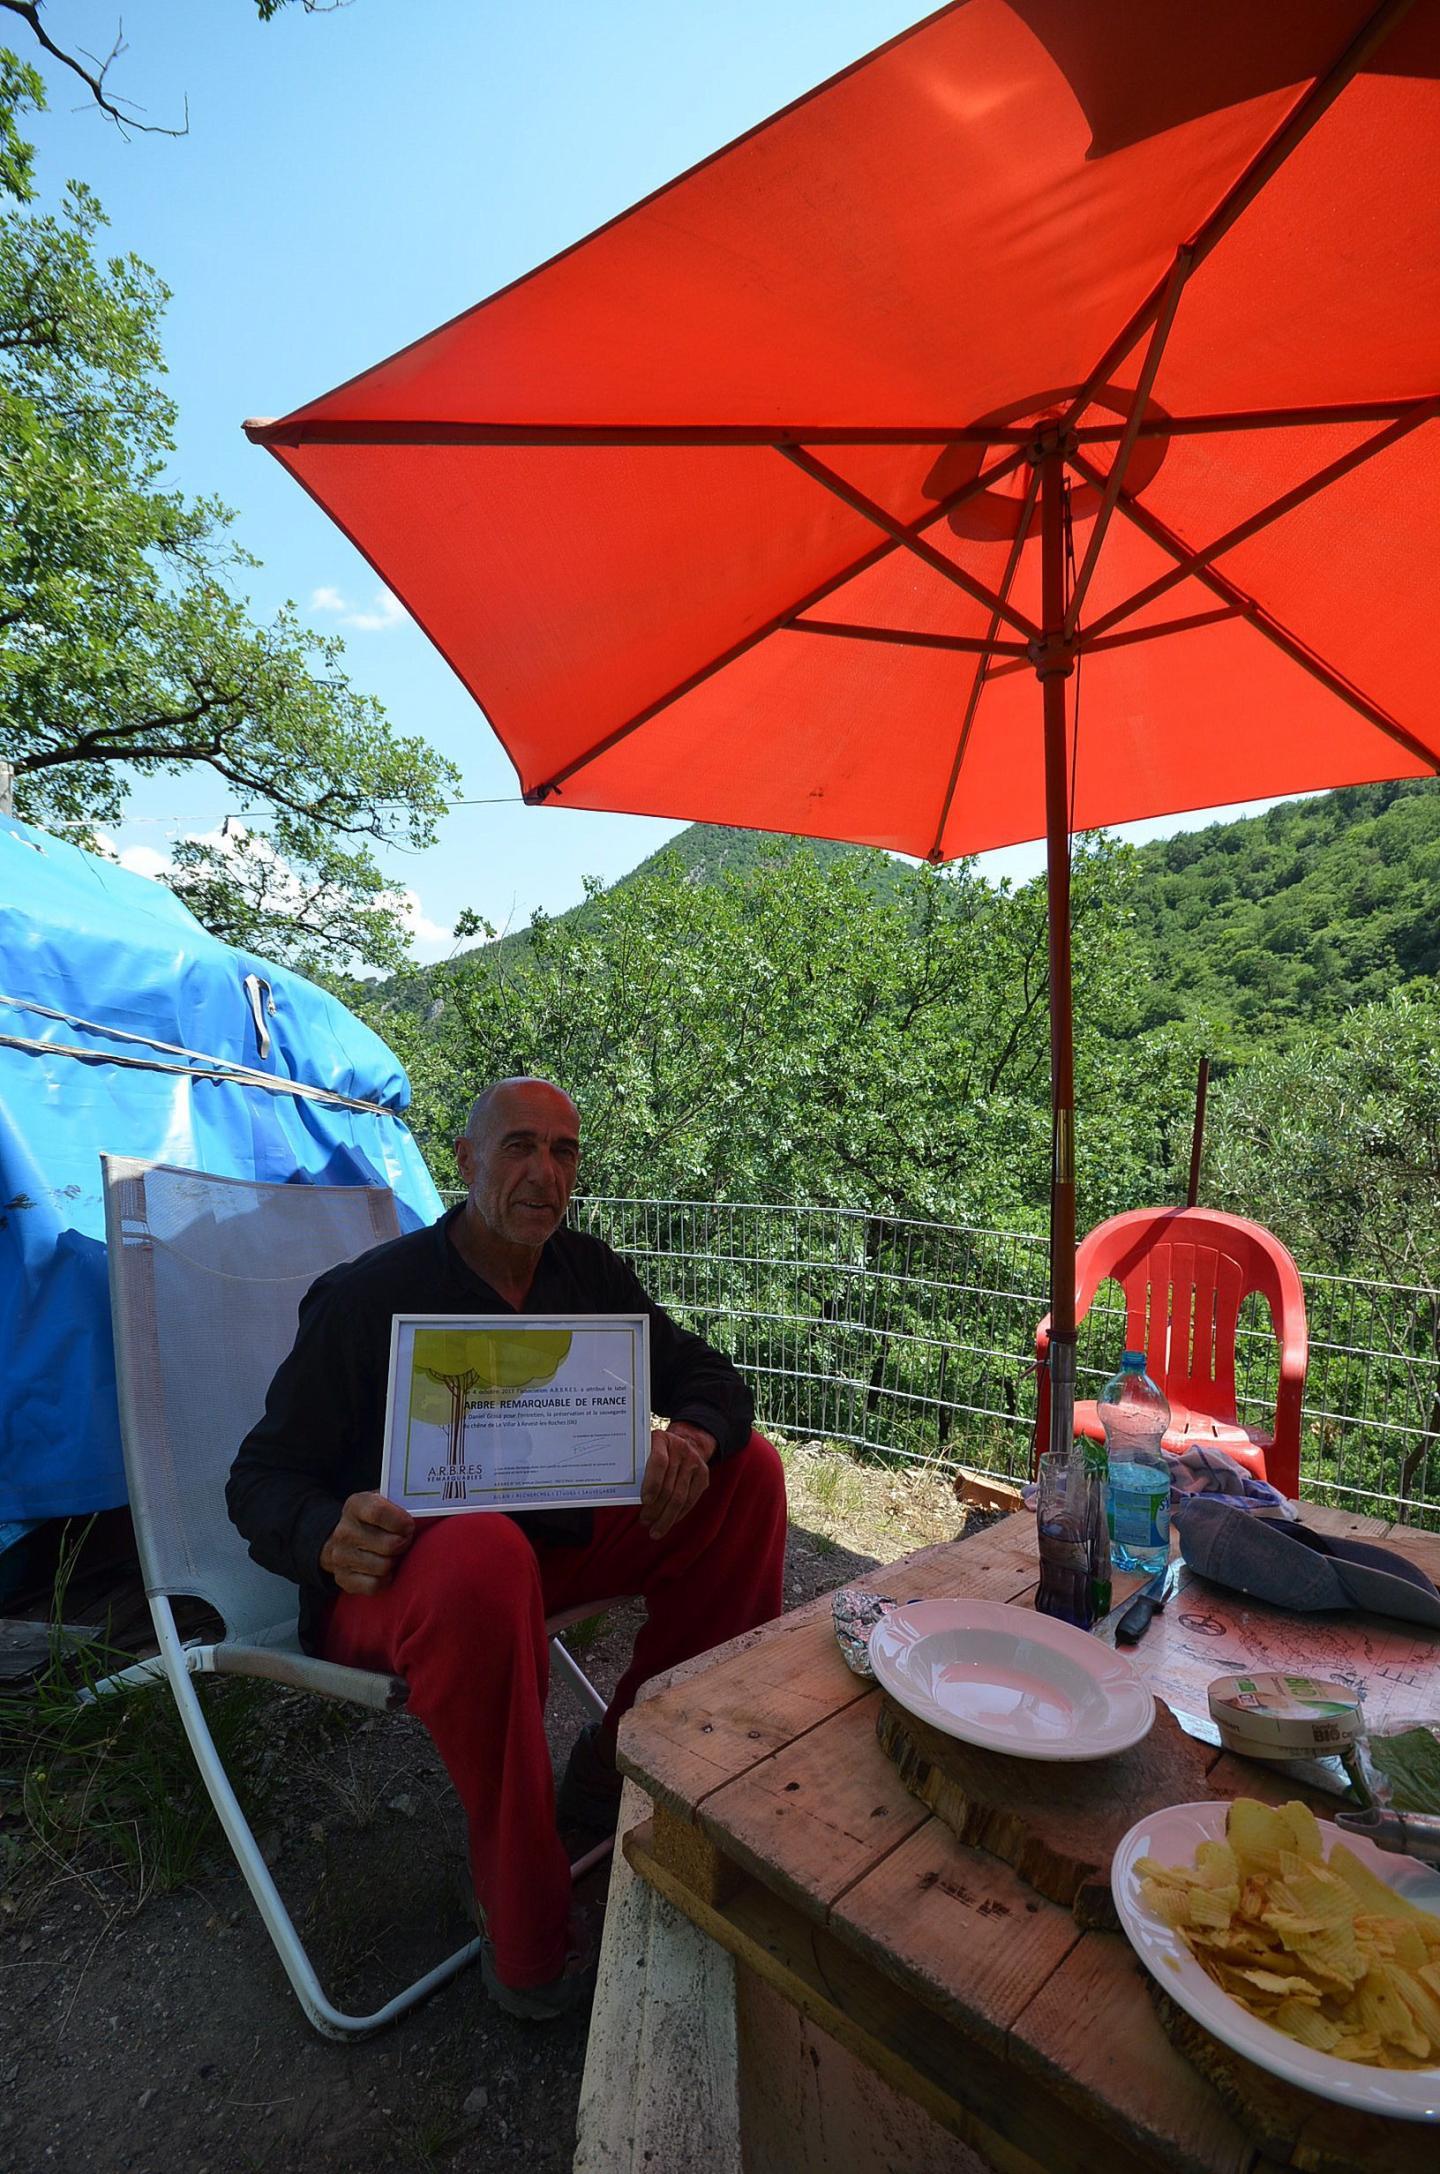 Confortablement installé sur sa terrasse, Daniel Grasa, présente la labellisation de son chêne, défini comme « Arbre remarquable » par l'association française A.R.B.R.E.S.